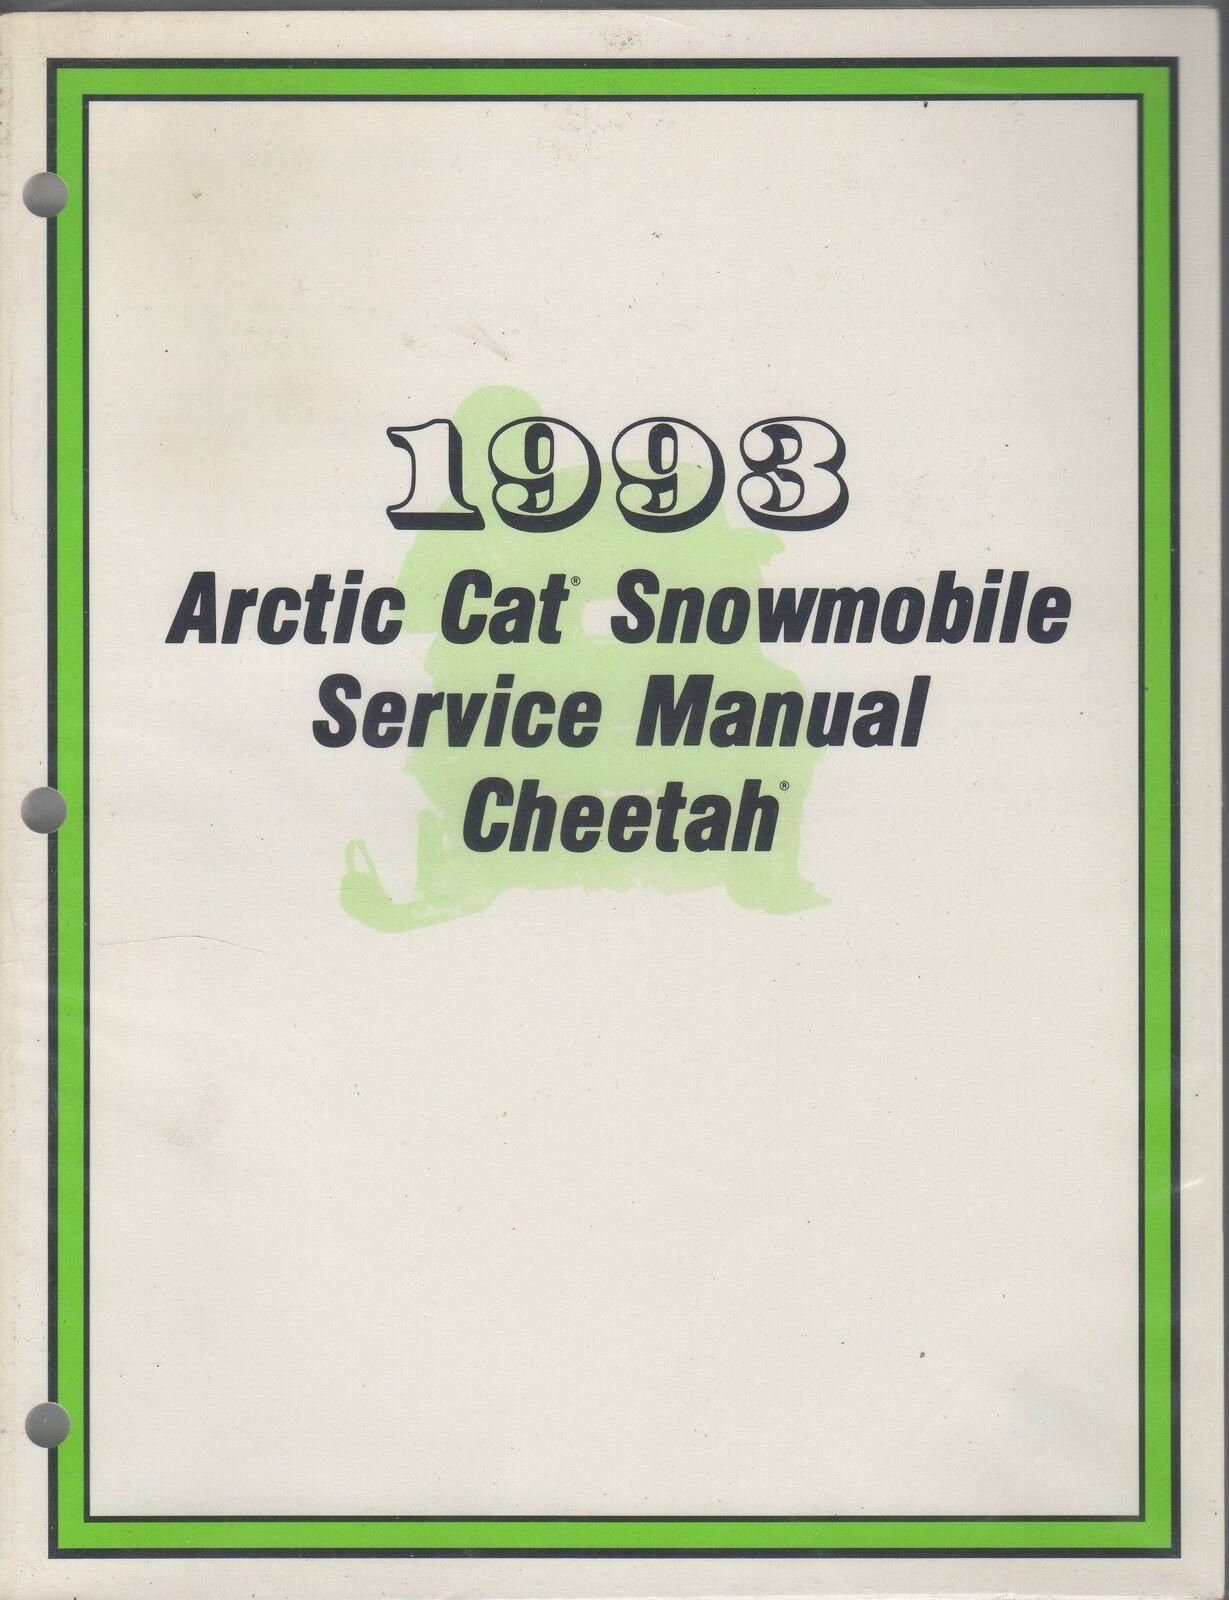 1993 ARCTIC CAT SNOWMOBILE CHEETAH SERVICE MANUAL PN 2254-829